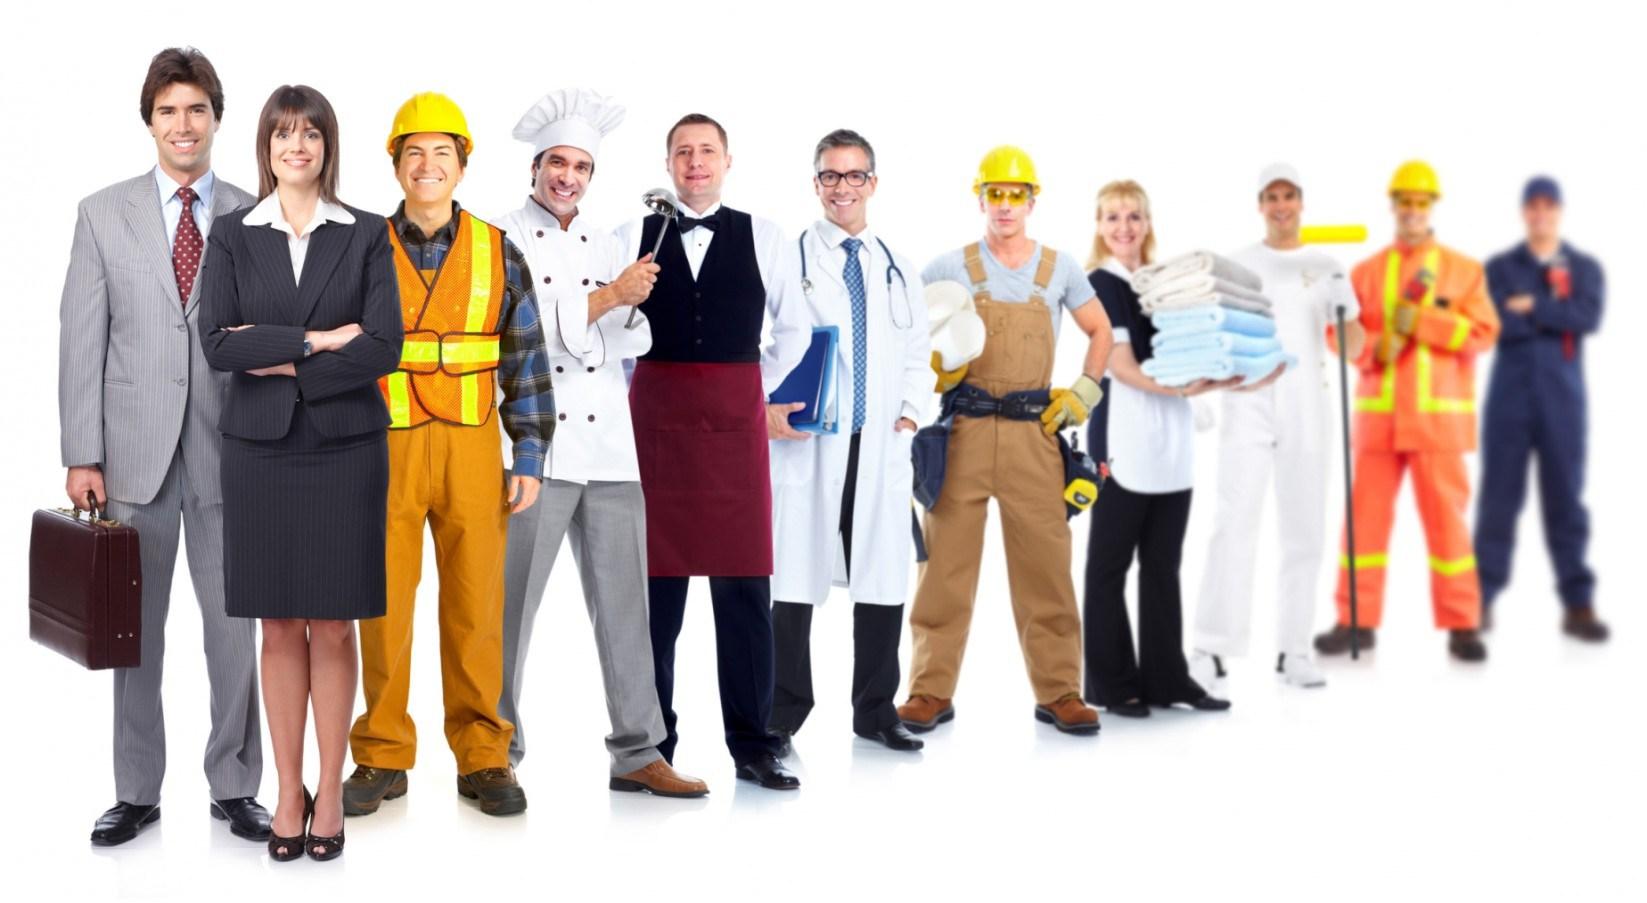 Президент РК: Большинство создаваемых рабочих мест имеет краткосрочный характер